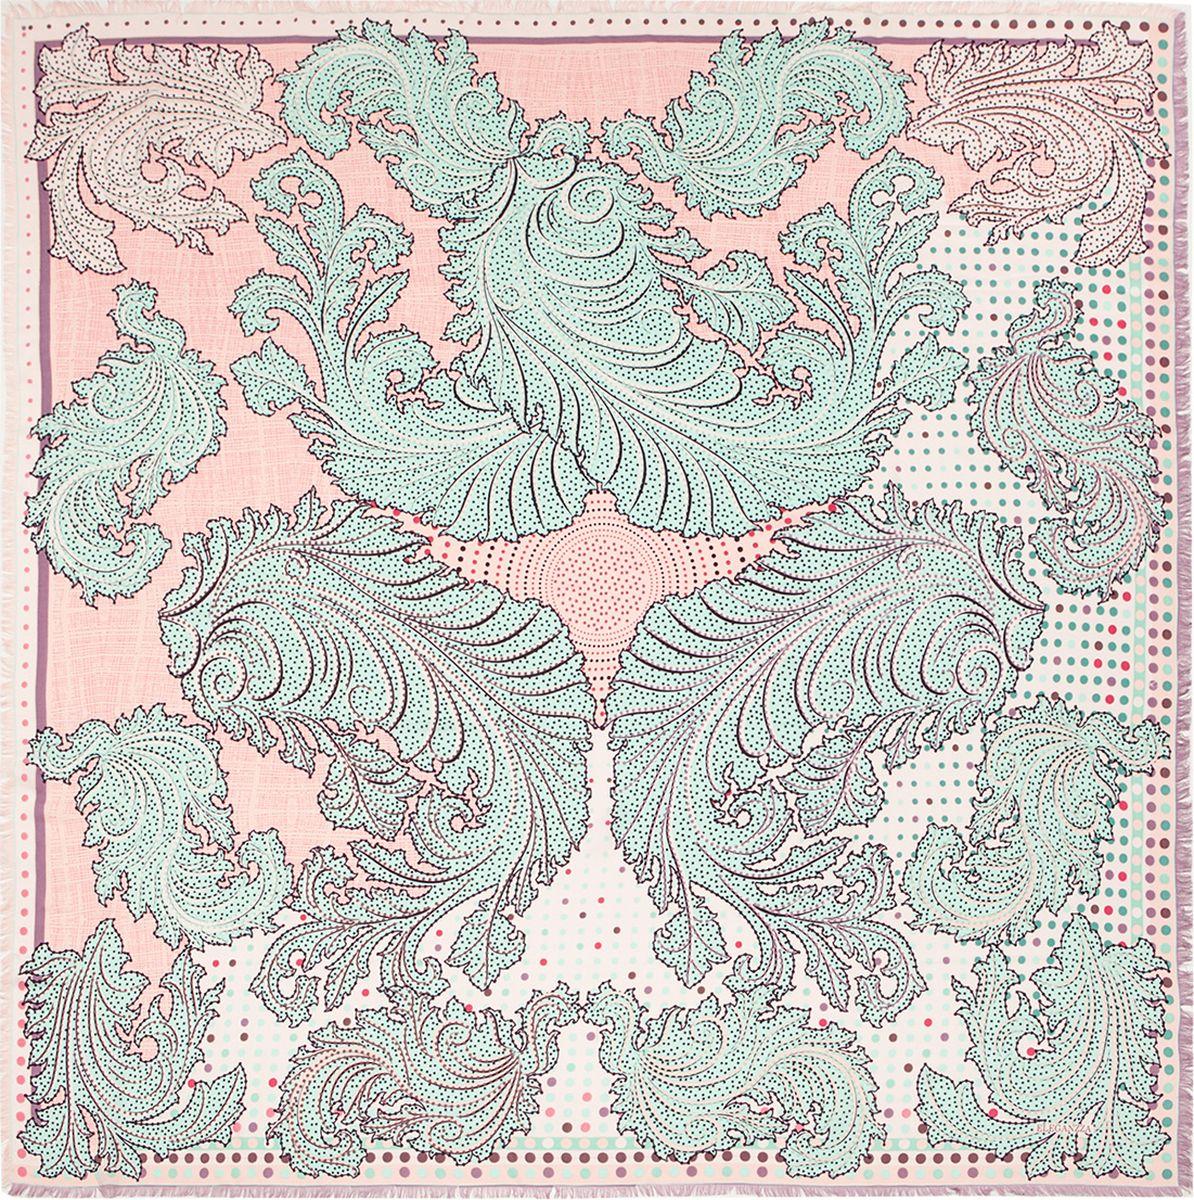 Платок женский Eleganzza, цвет: светло-розовый. D34-1203. Размер 110 см х 110 смD34-1203Платок Eleganzza, выполненный из вискозы и шелка, идеально дополнит образ современной женщины. Модель оформлена принтом с узорами. Классическая квадратная форма позволяет носить платок на шее, украшать им прическу или декорировать сумочку. С таким замечательным аксессуаром вы всегда будете выглядеть женственно и привлекательно.